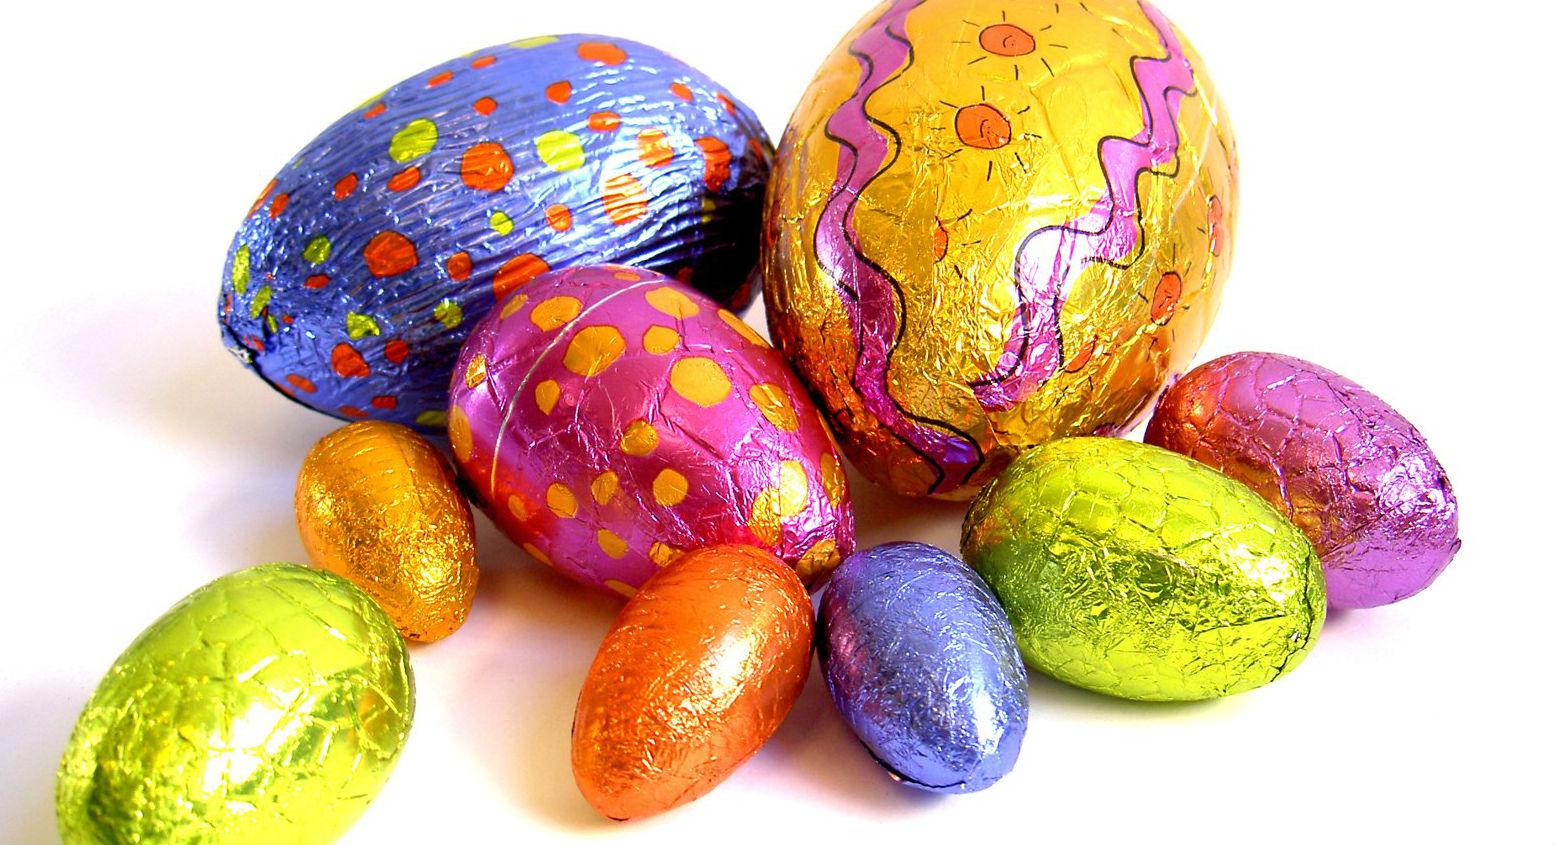 ¡Los huevos de Pascua! Una dulce tradición que puedes encontrar en Caracas